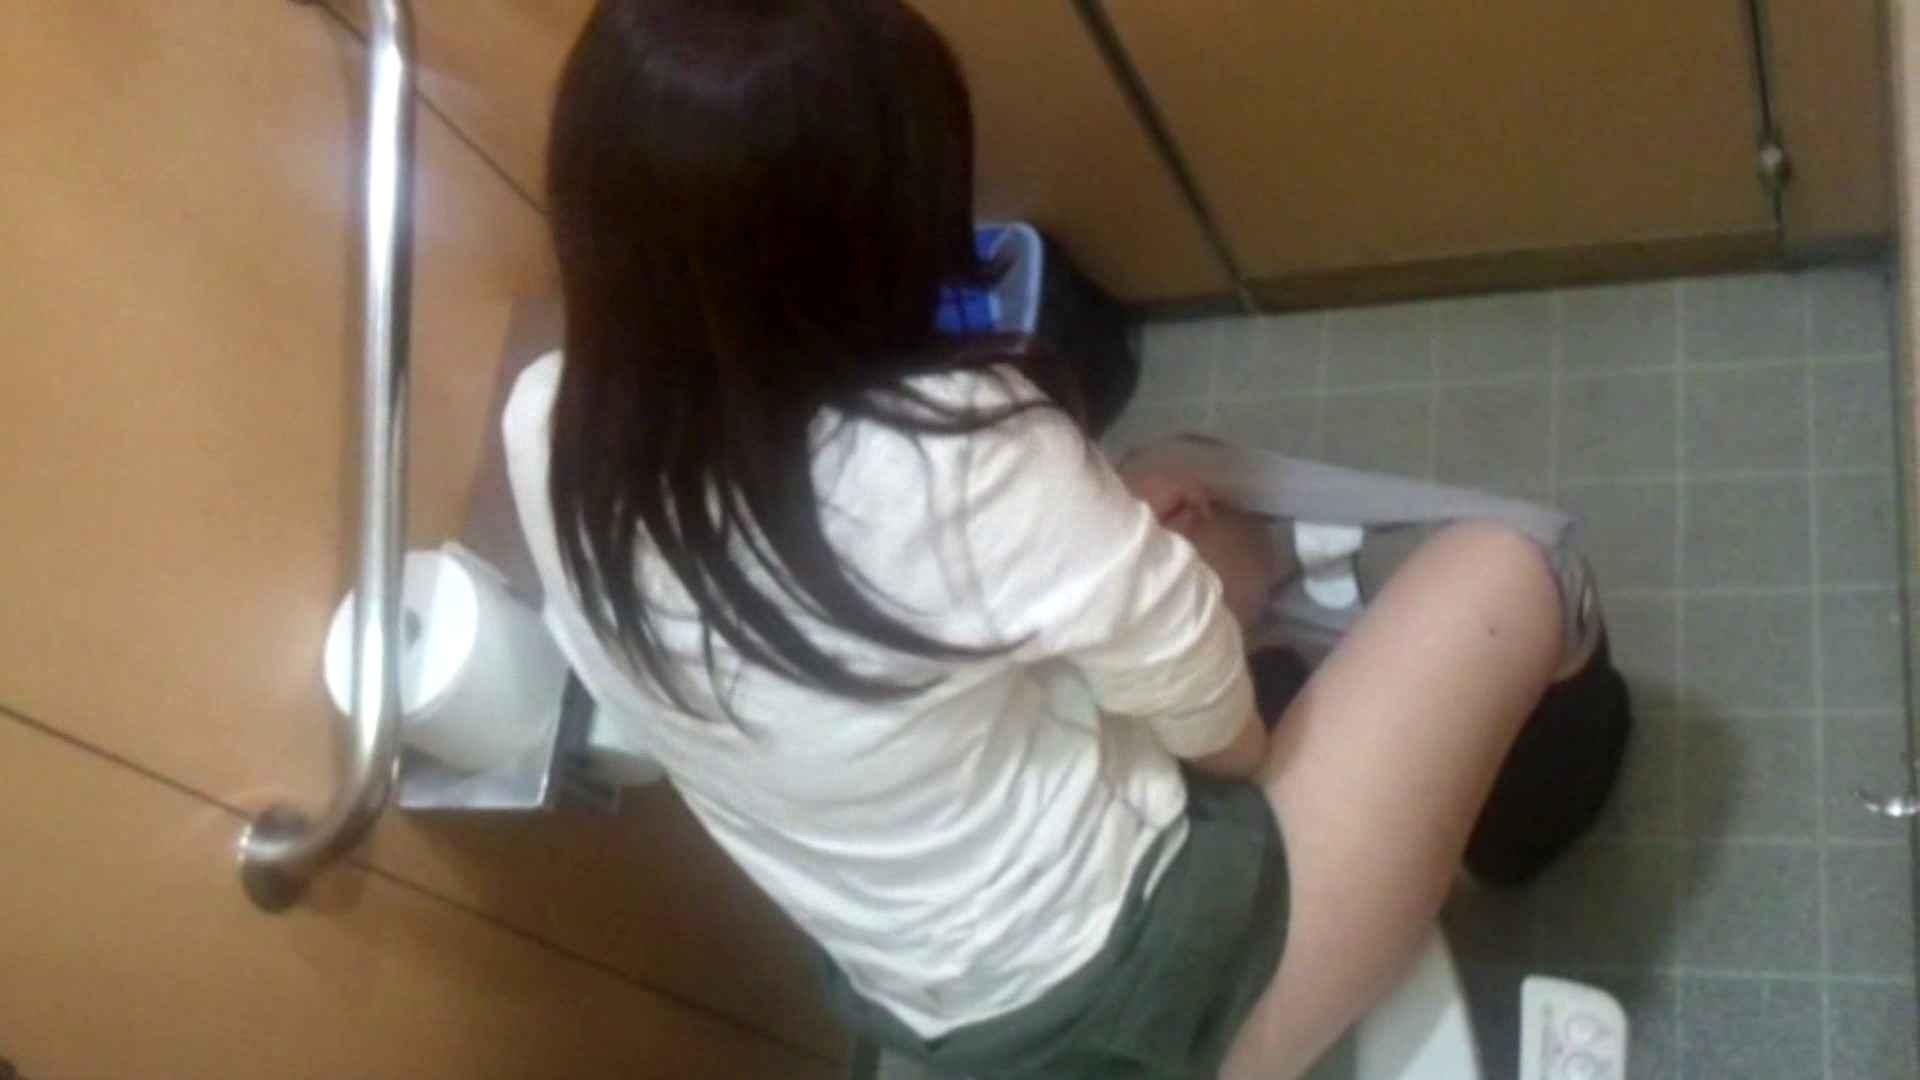 無料アダルト動画:化粧室絵巻 商い場編 VOL.11 いろんなタイプのおねぇたん8人!:怪盗ジョーカー